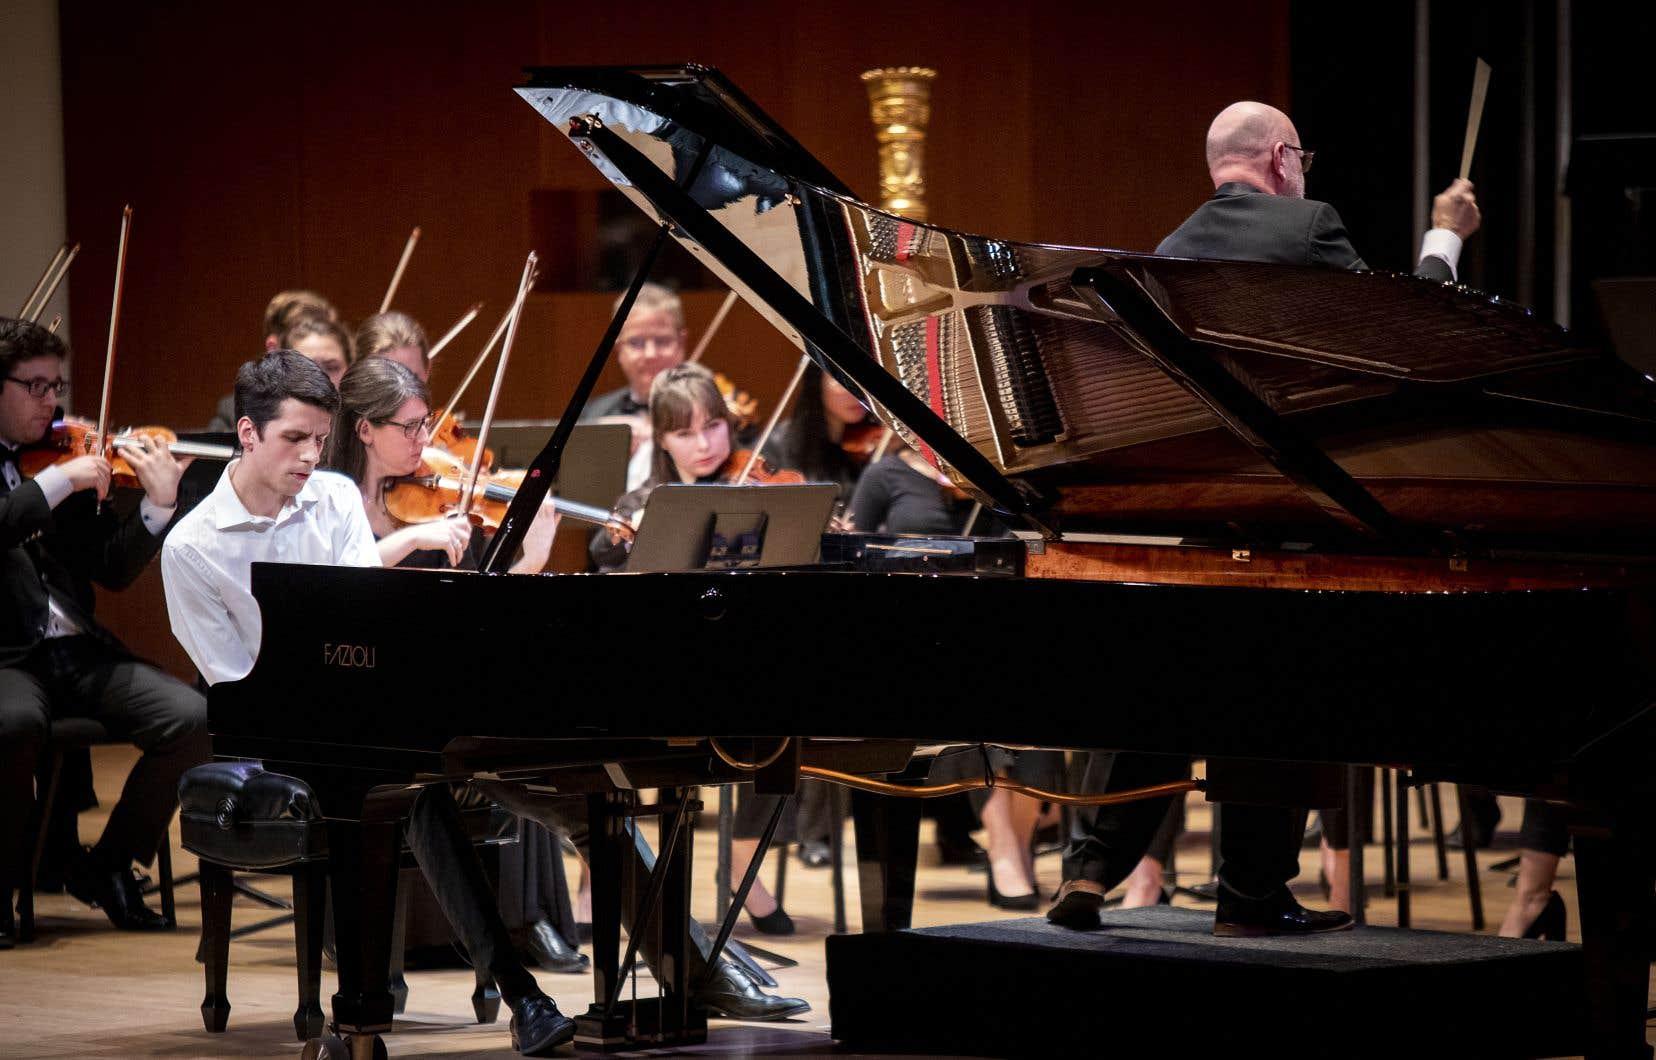 Les doigts parcourant les touches du piano, Félix Marquis ne joue pas, il fait le plus difficile: il phrase!